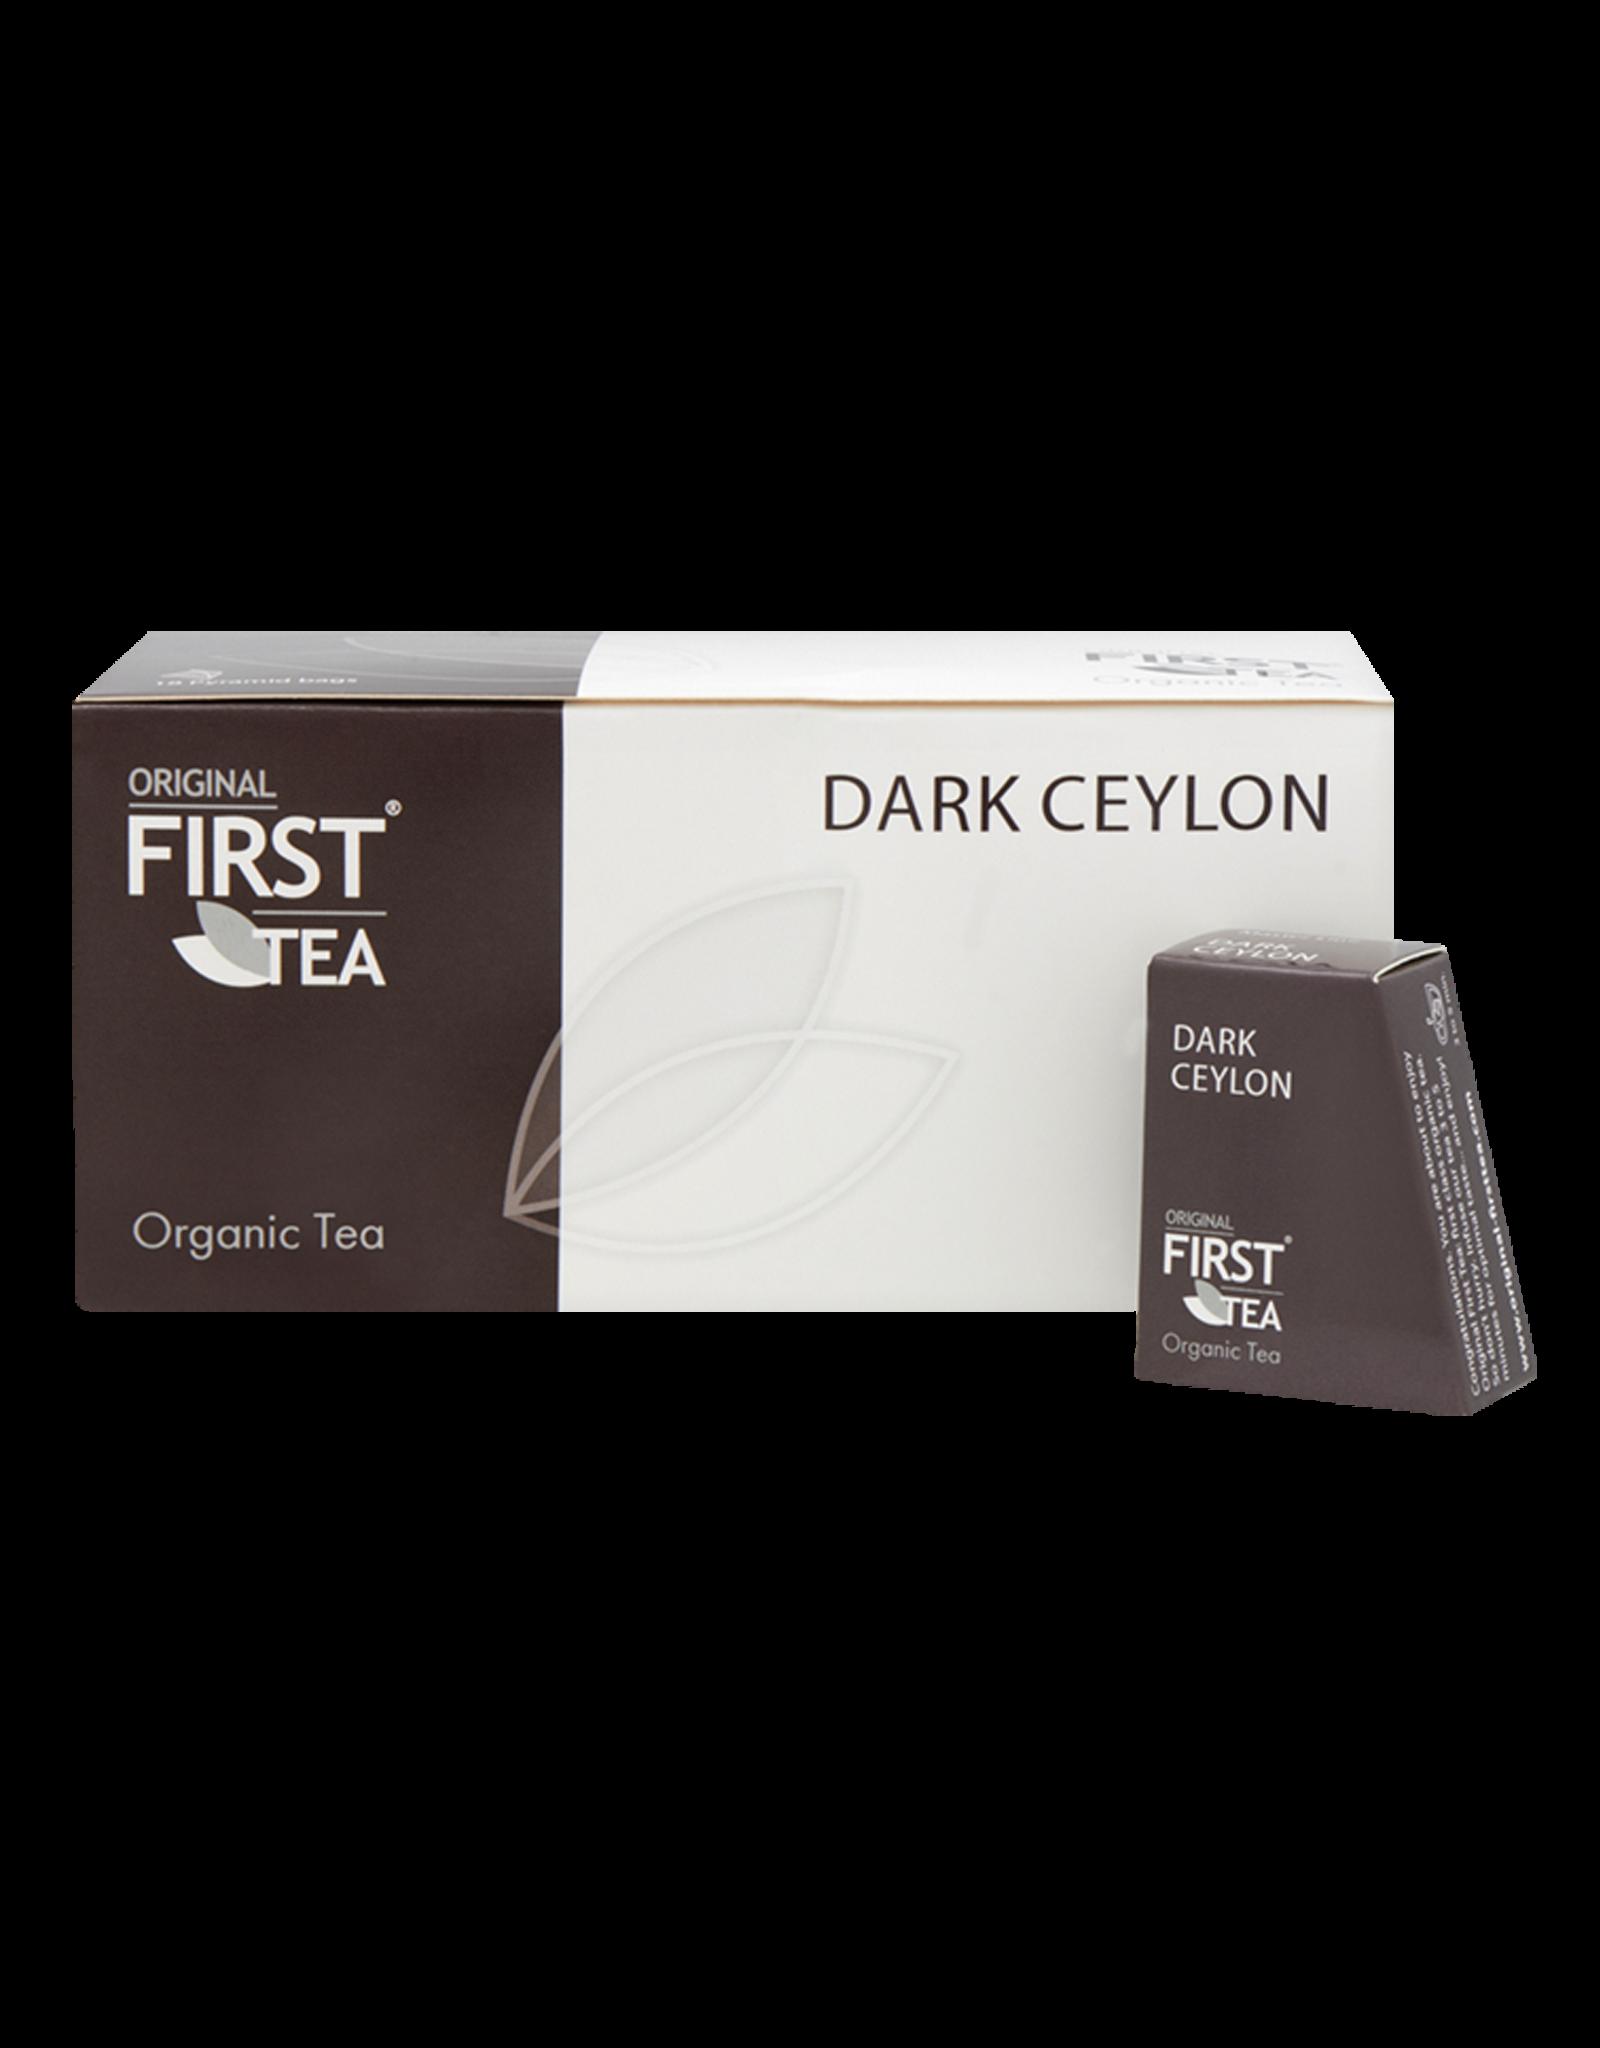 First Tea Master line Masterline Dark Ceylon